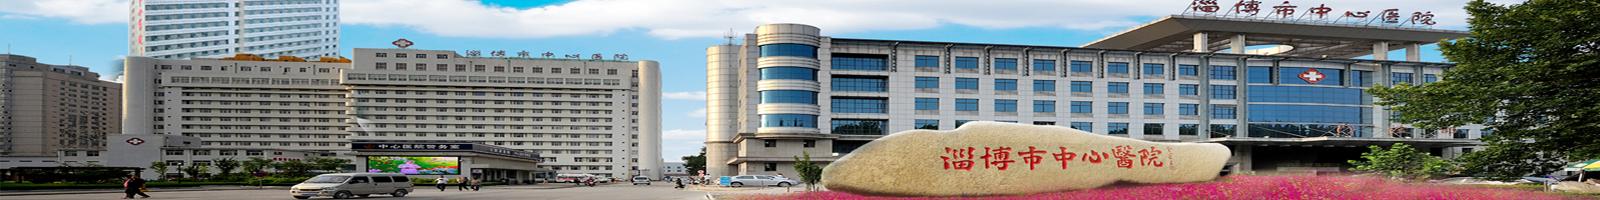 韩国巨乳影院